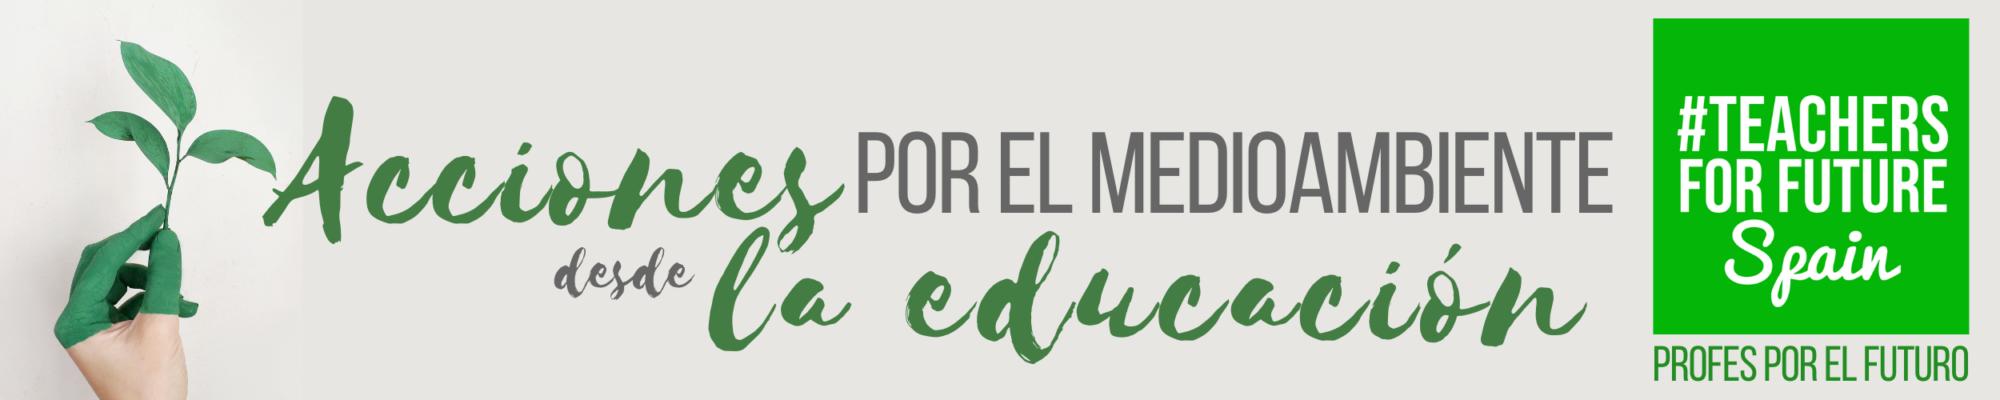 Juventud | Ayuntamiento Hoyo de Manzanares